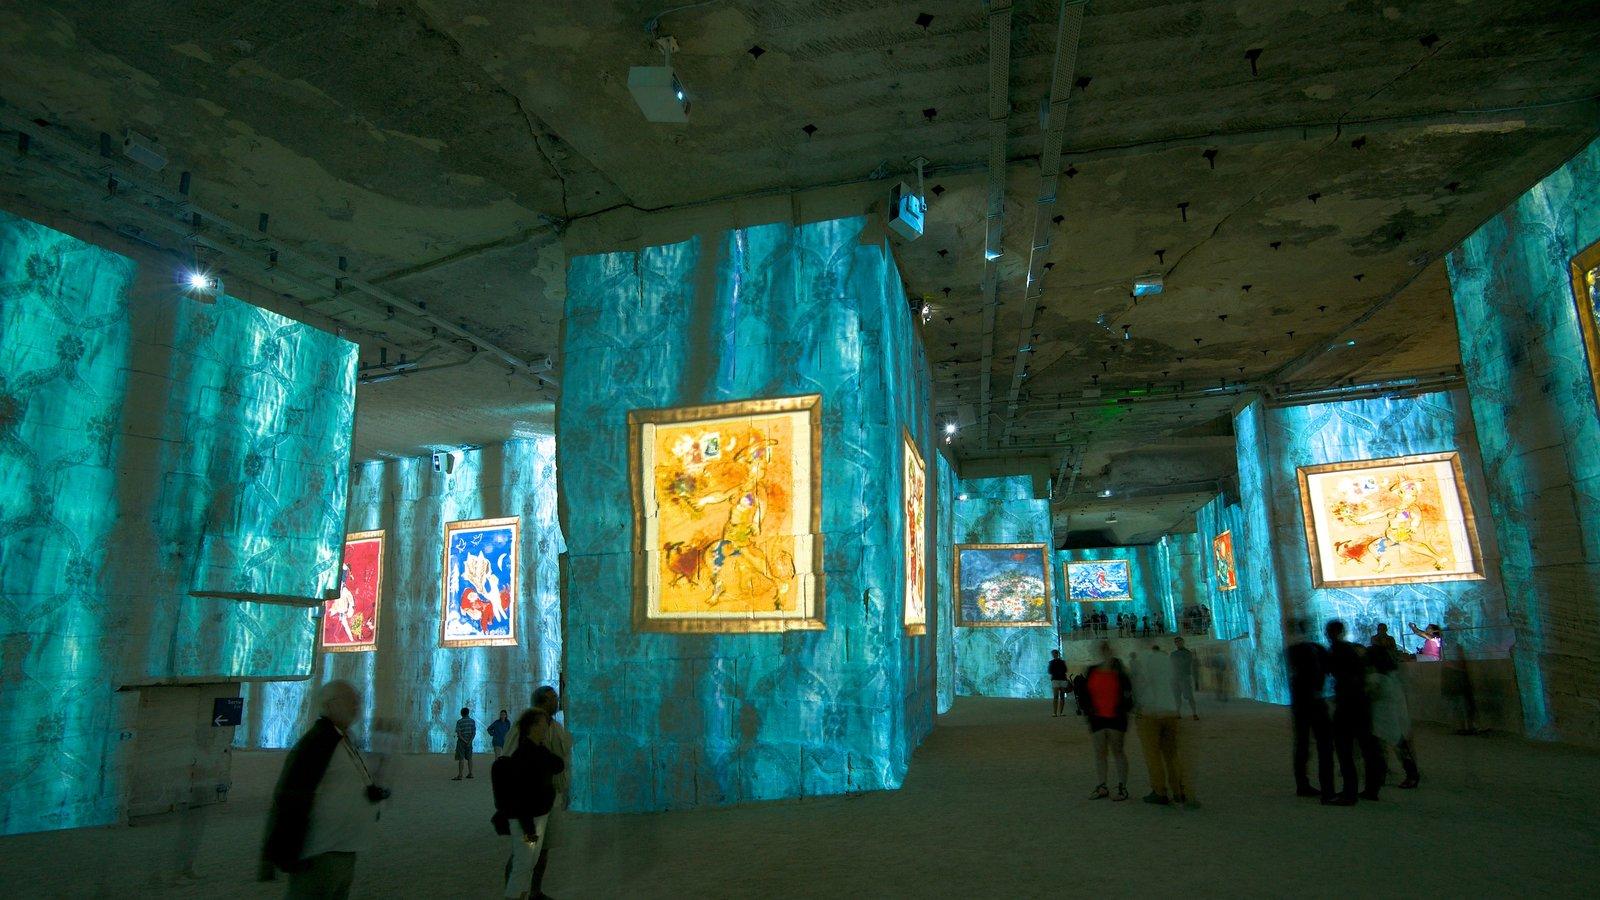 Carrières de Lumières mostrando arte, vistas internas e uma igreja ou catedral